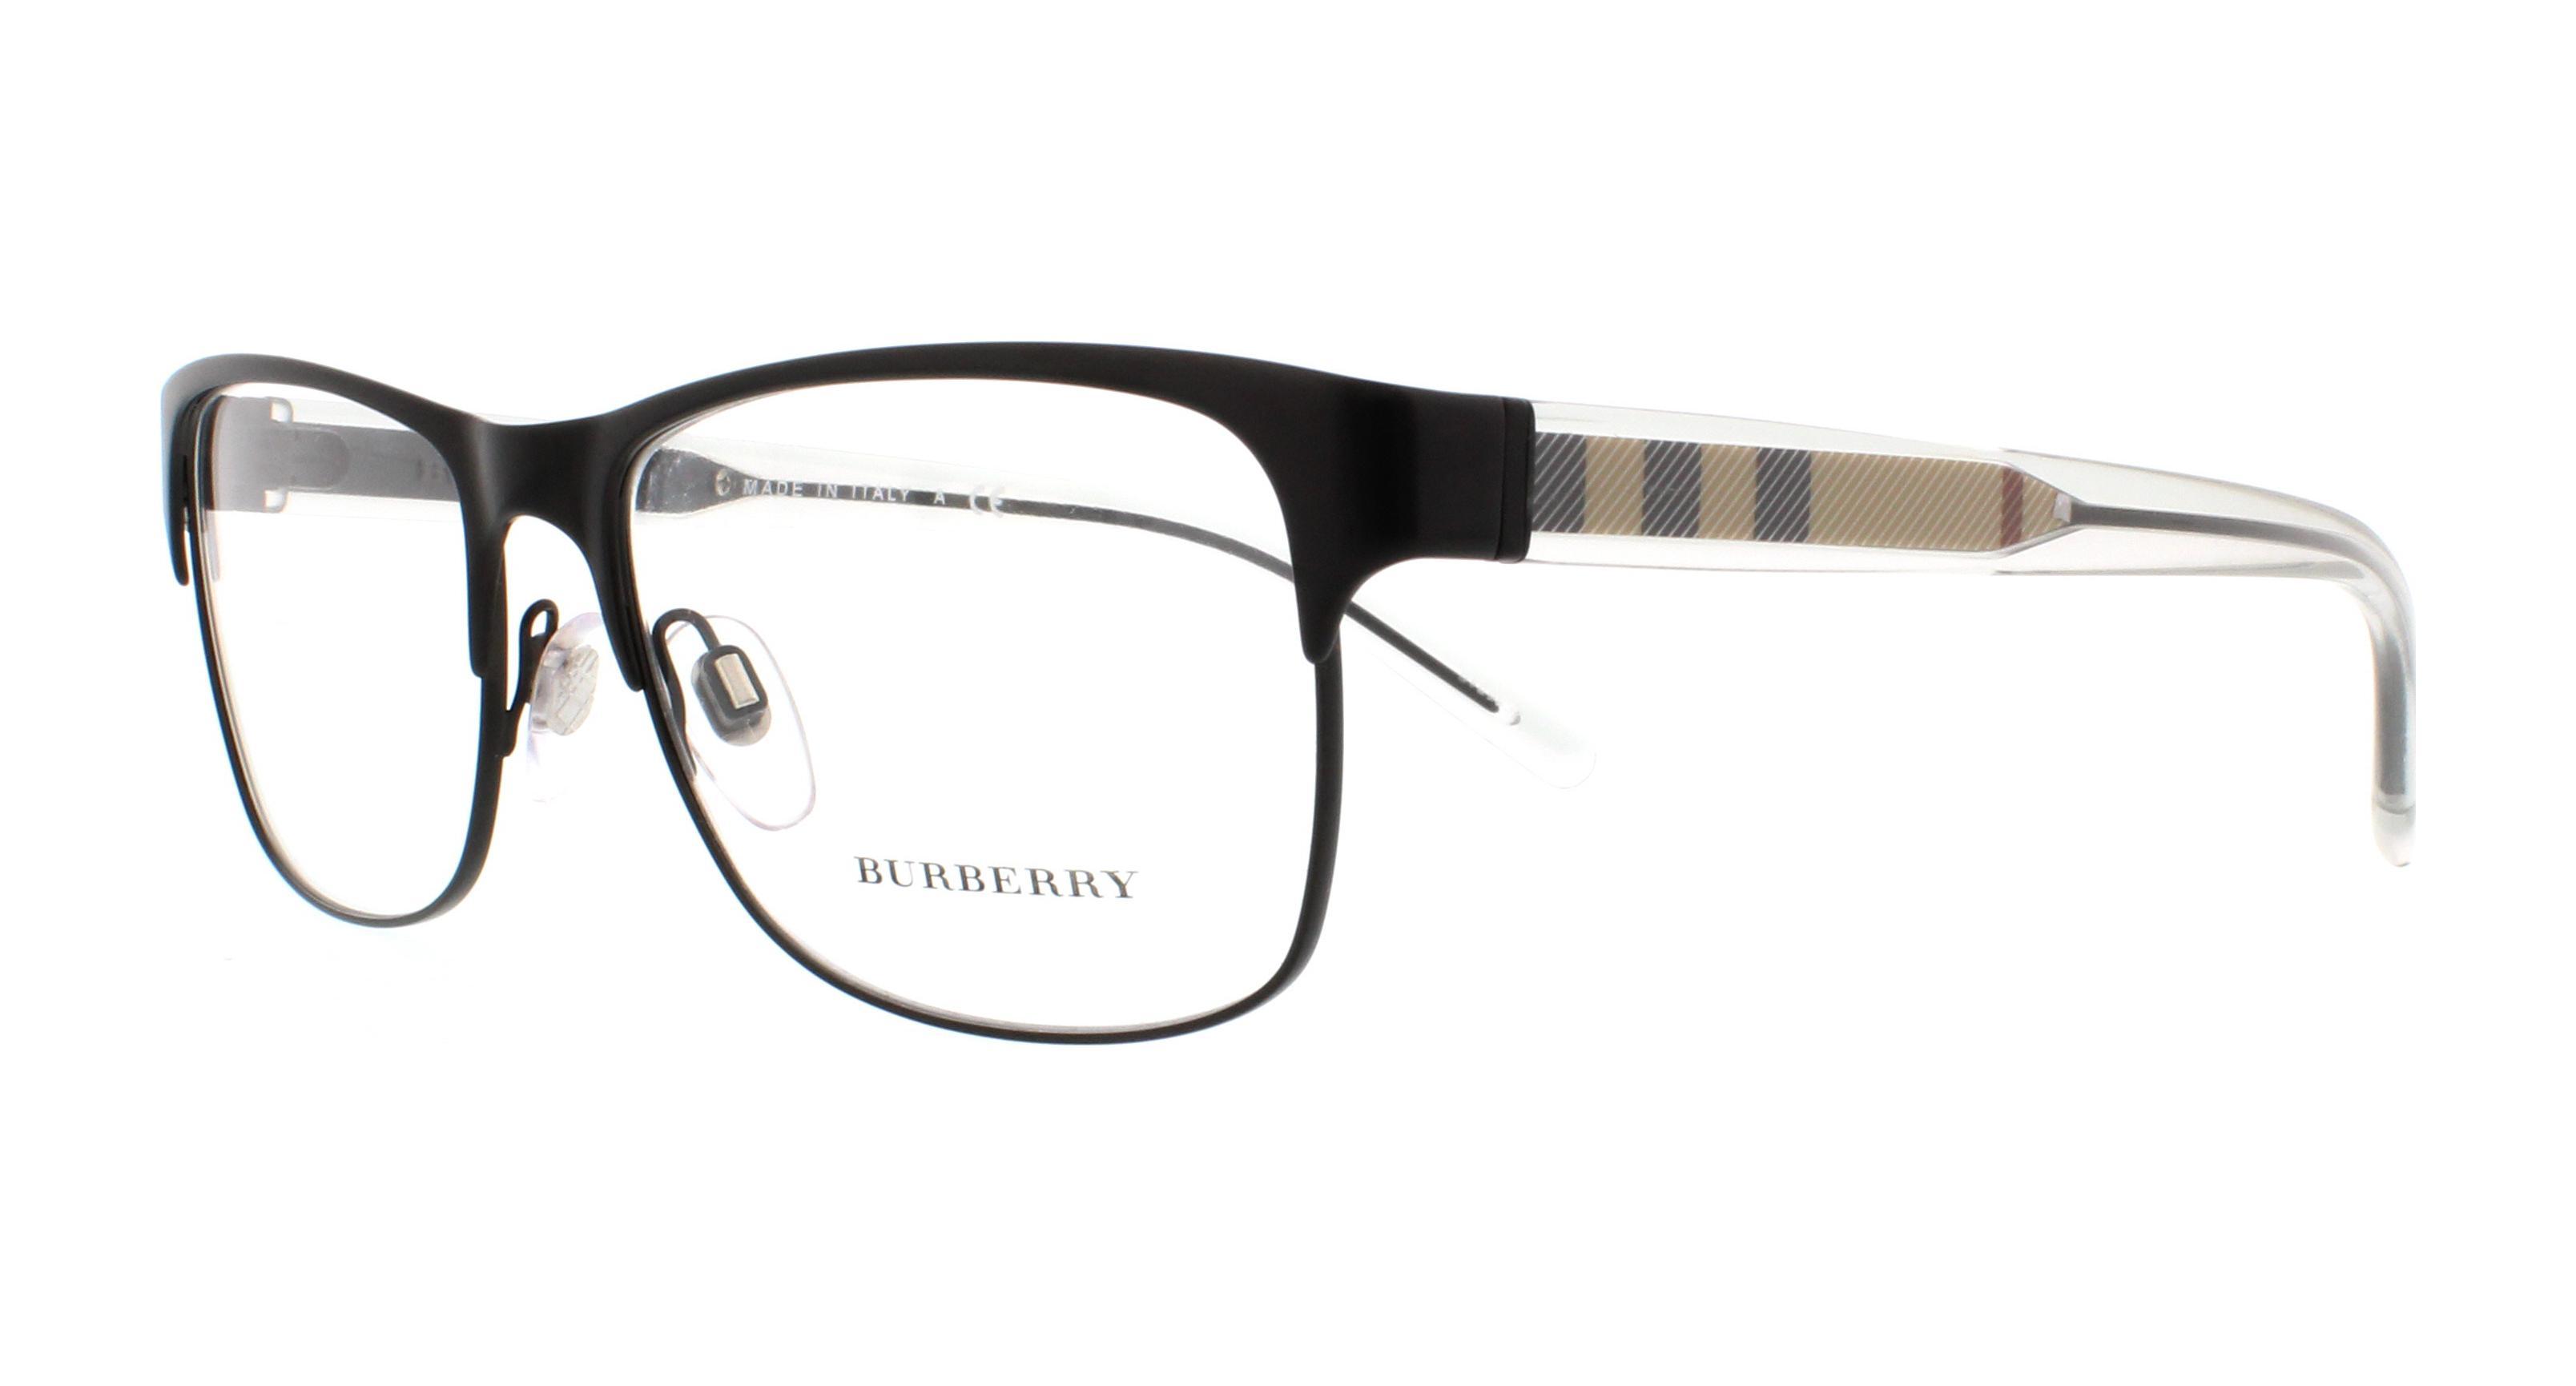 Designer Frames Outlet. Burberry BE1289